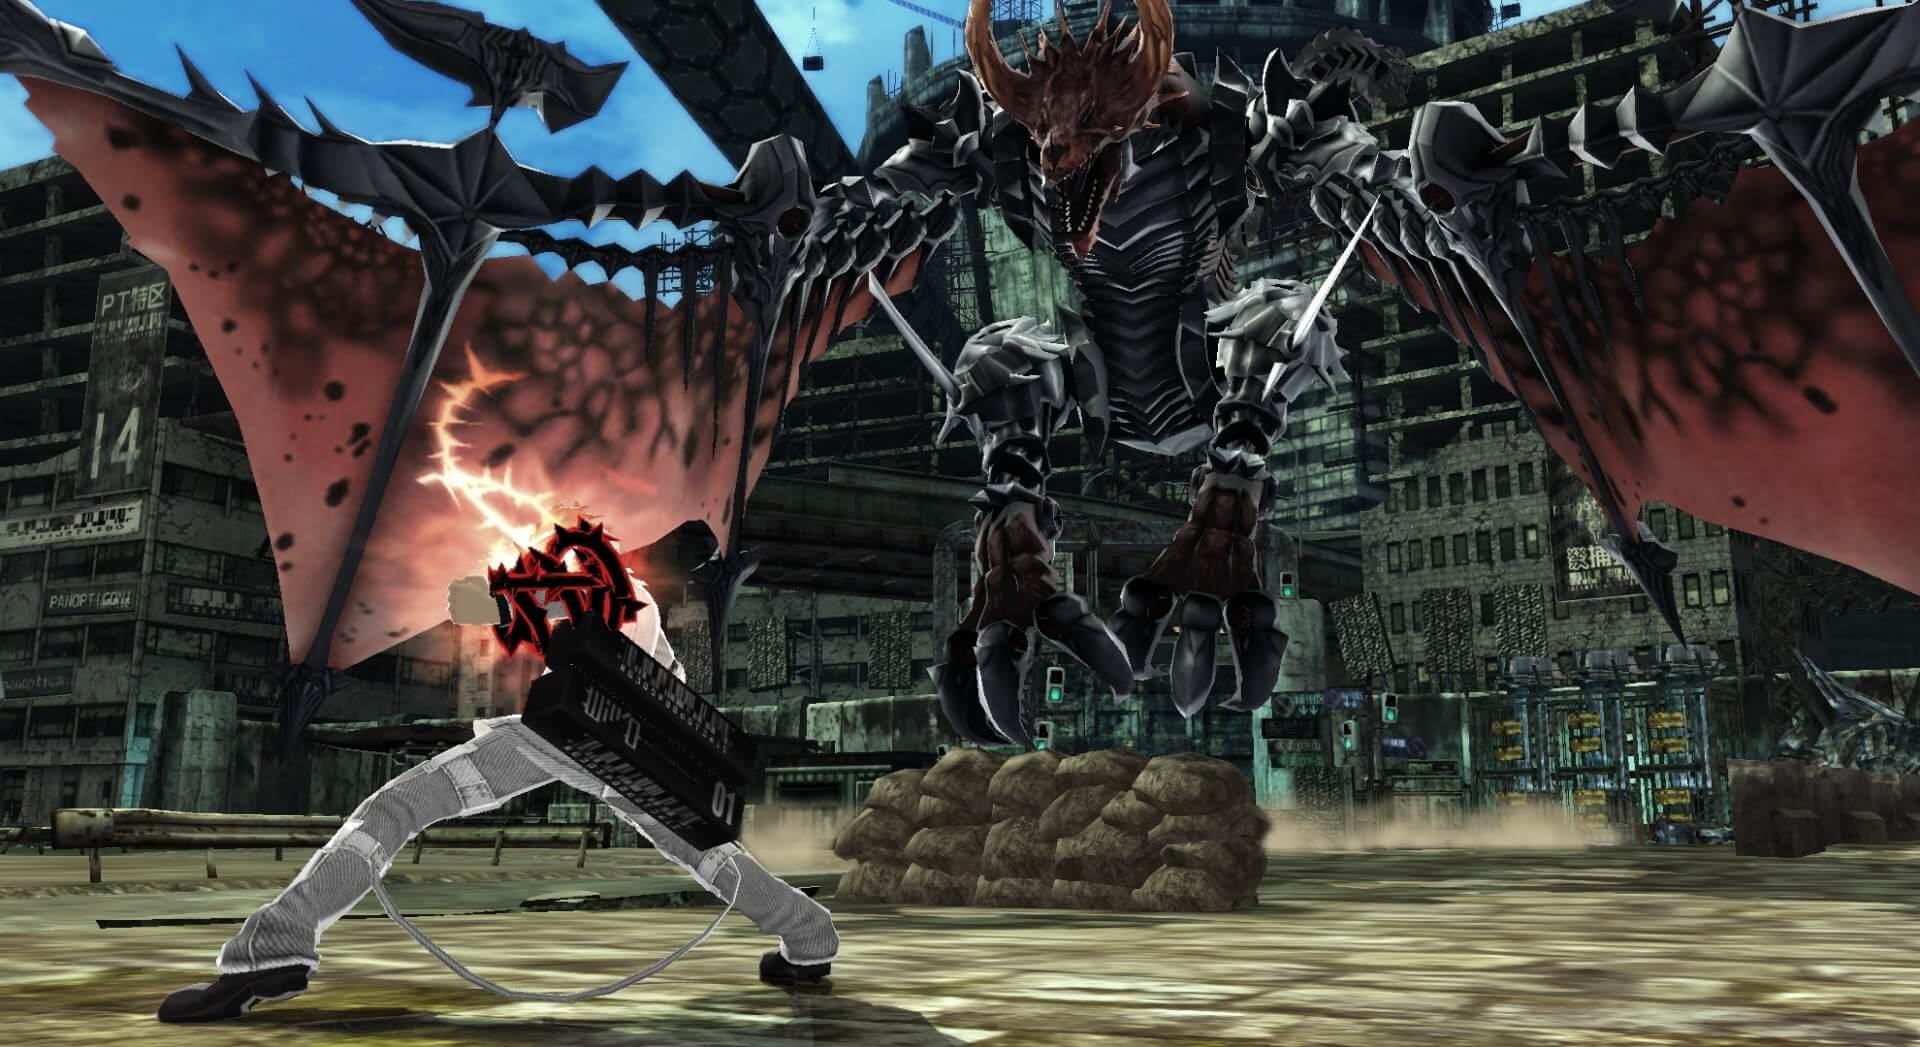 Игра в которой главный герой попадает с оружием в разные эпохи